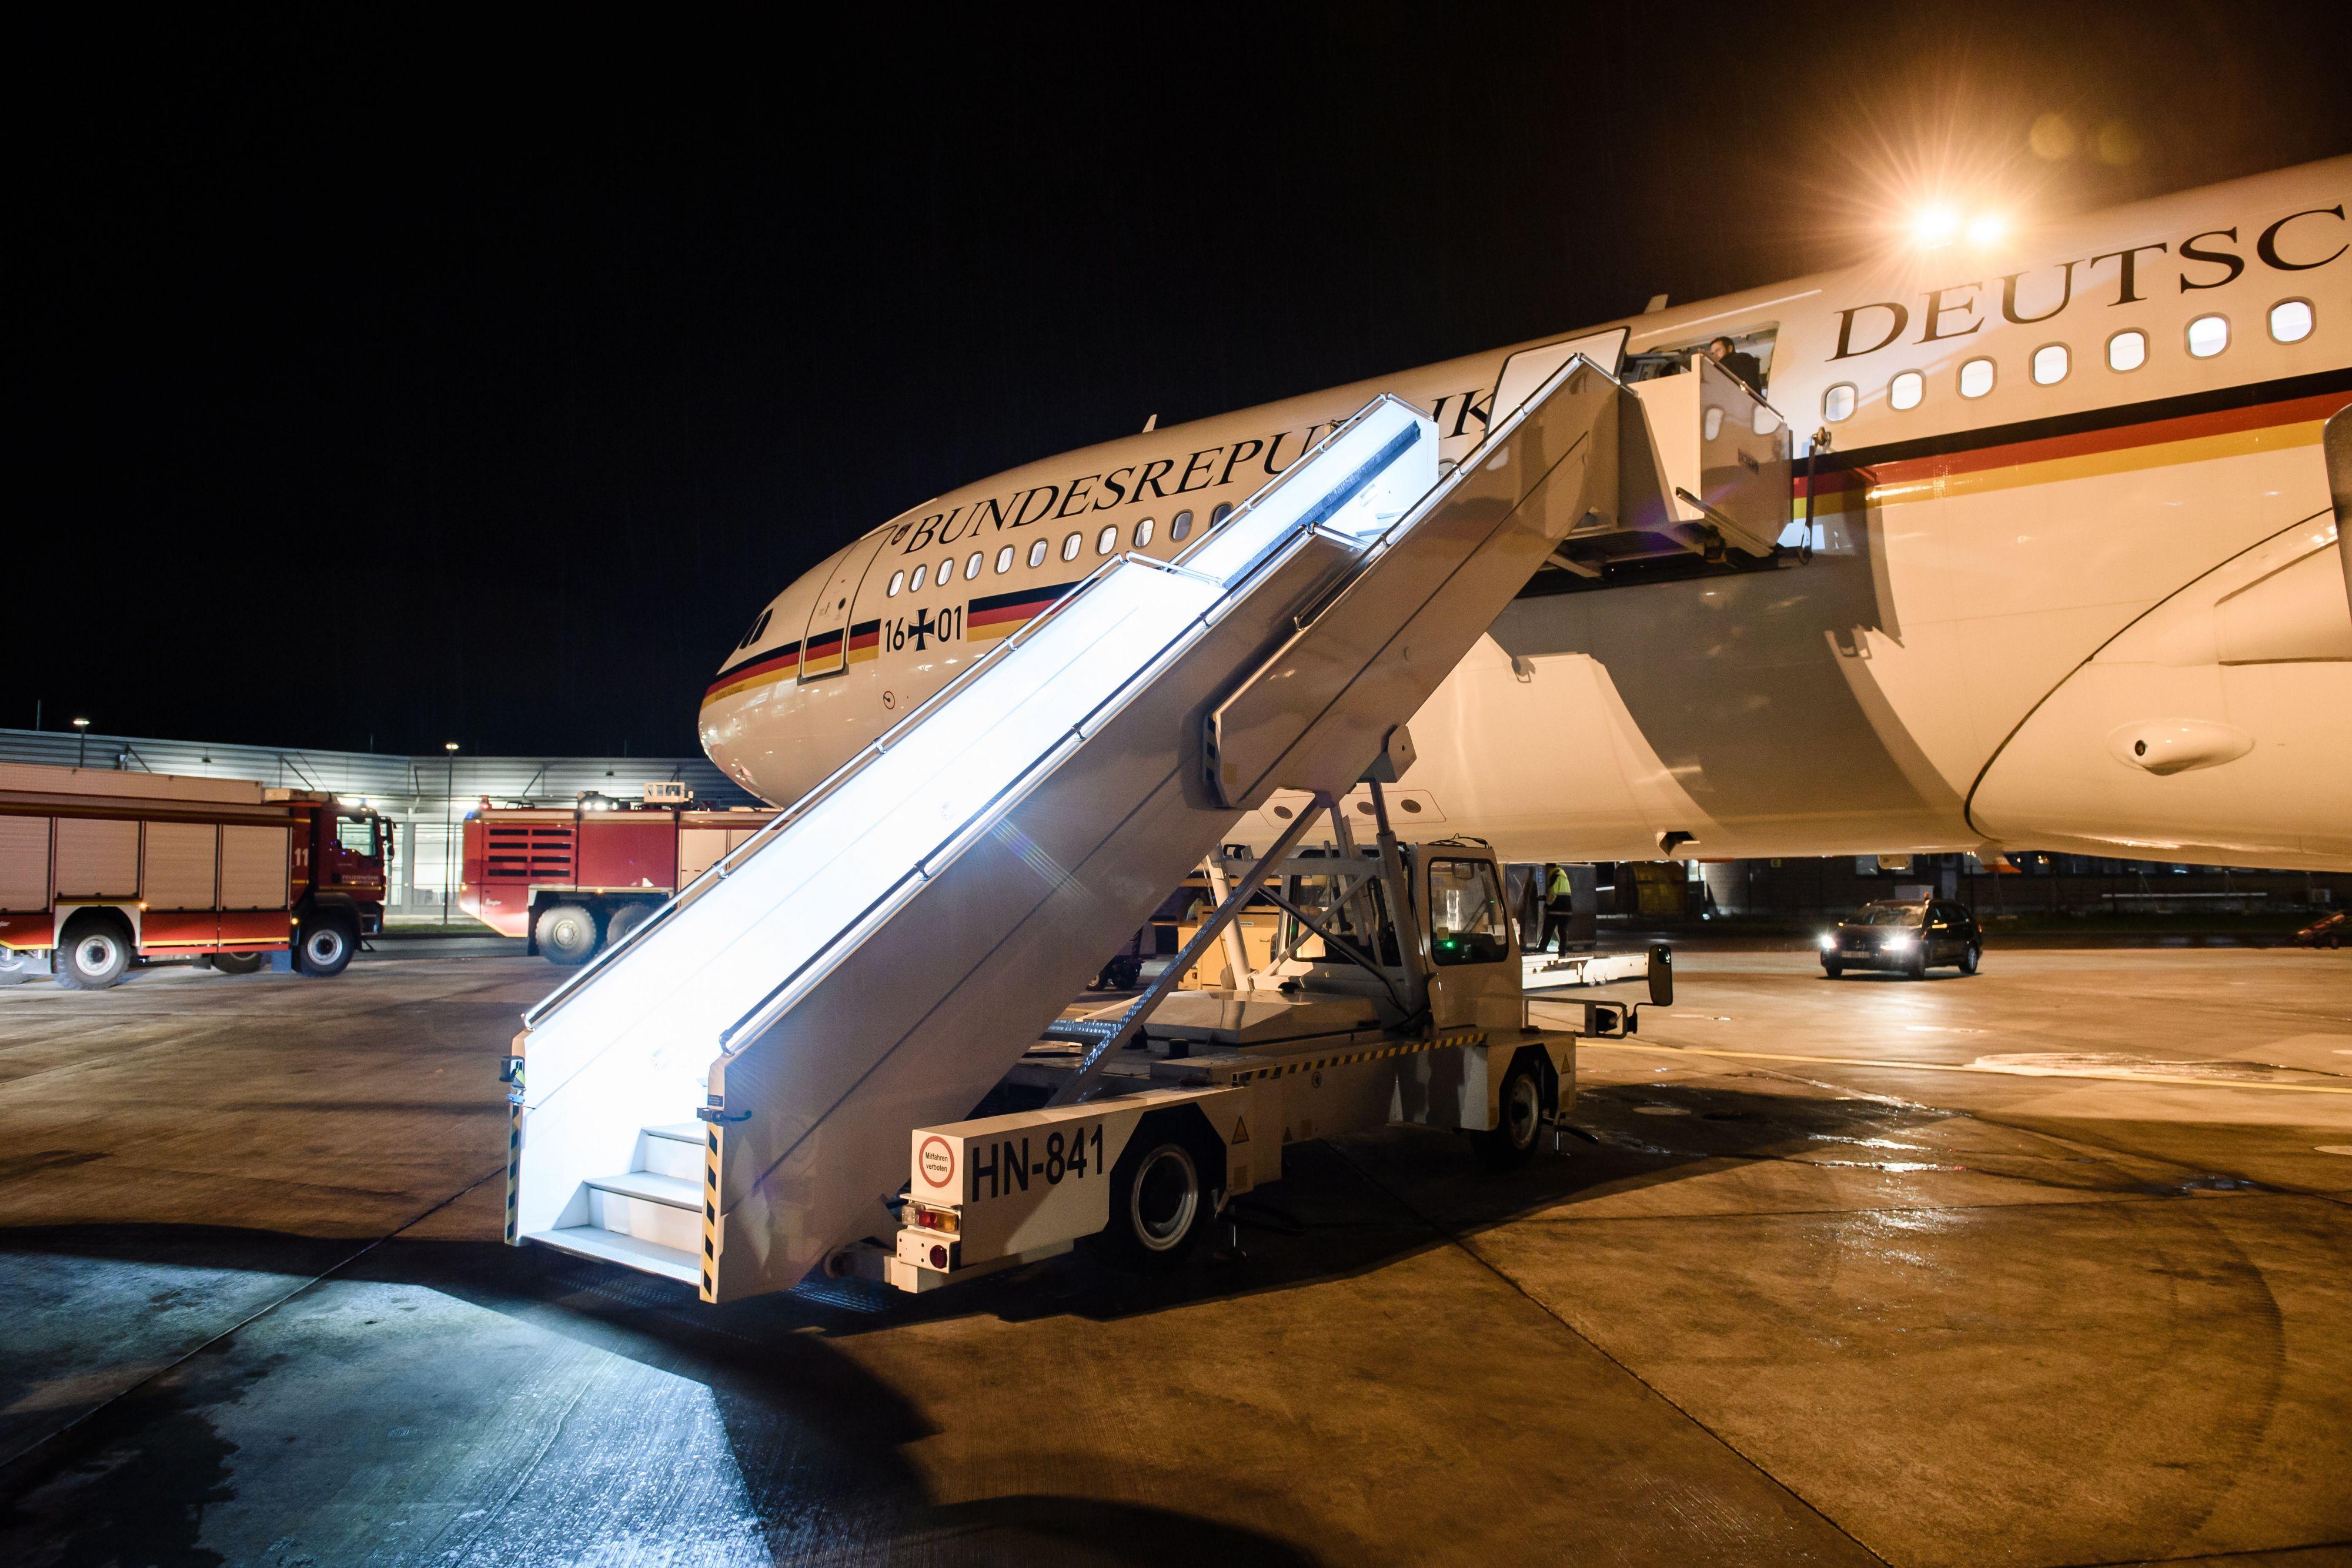 Het toestel maakte vervolgens een noodlanding op het vliegveld van Keulen